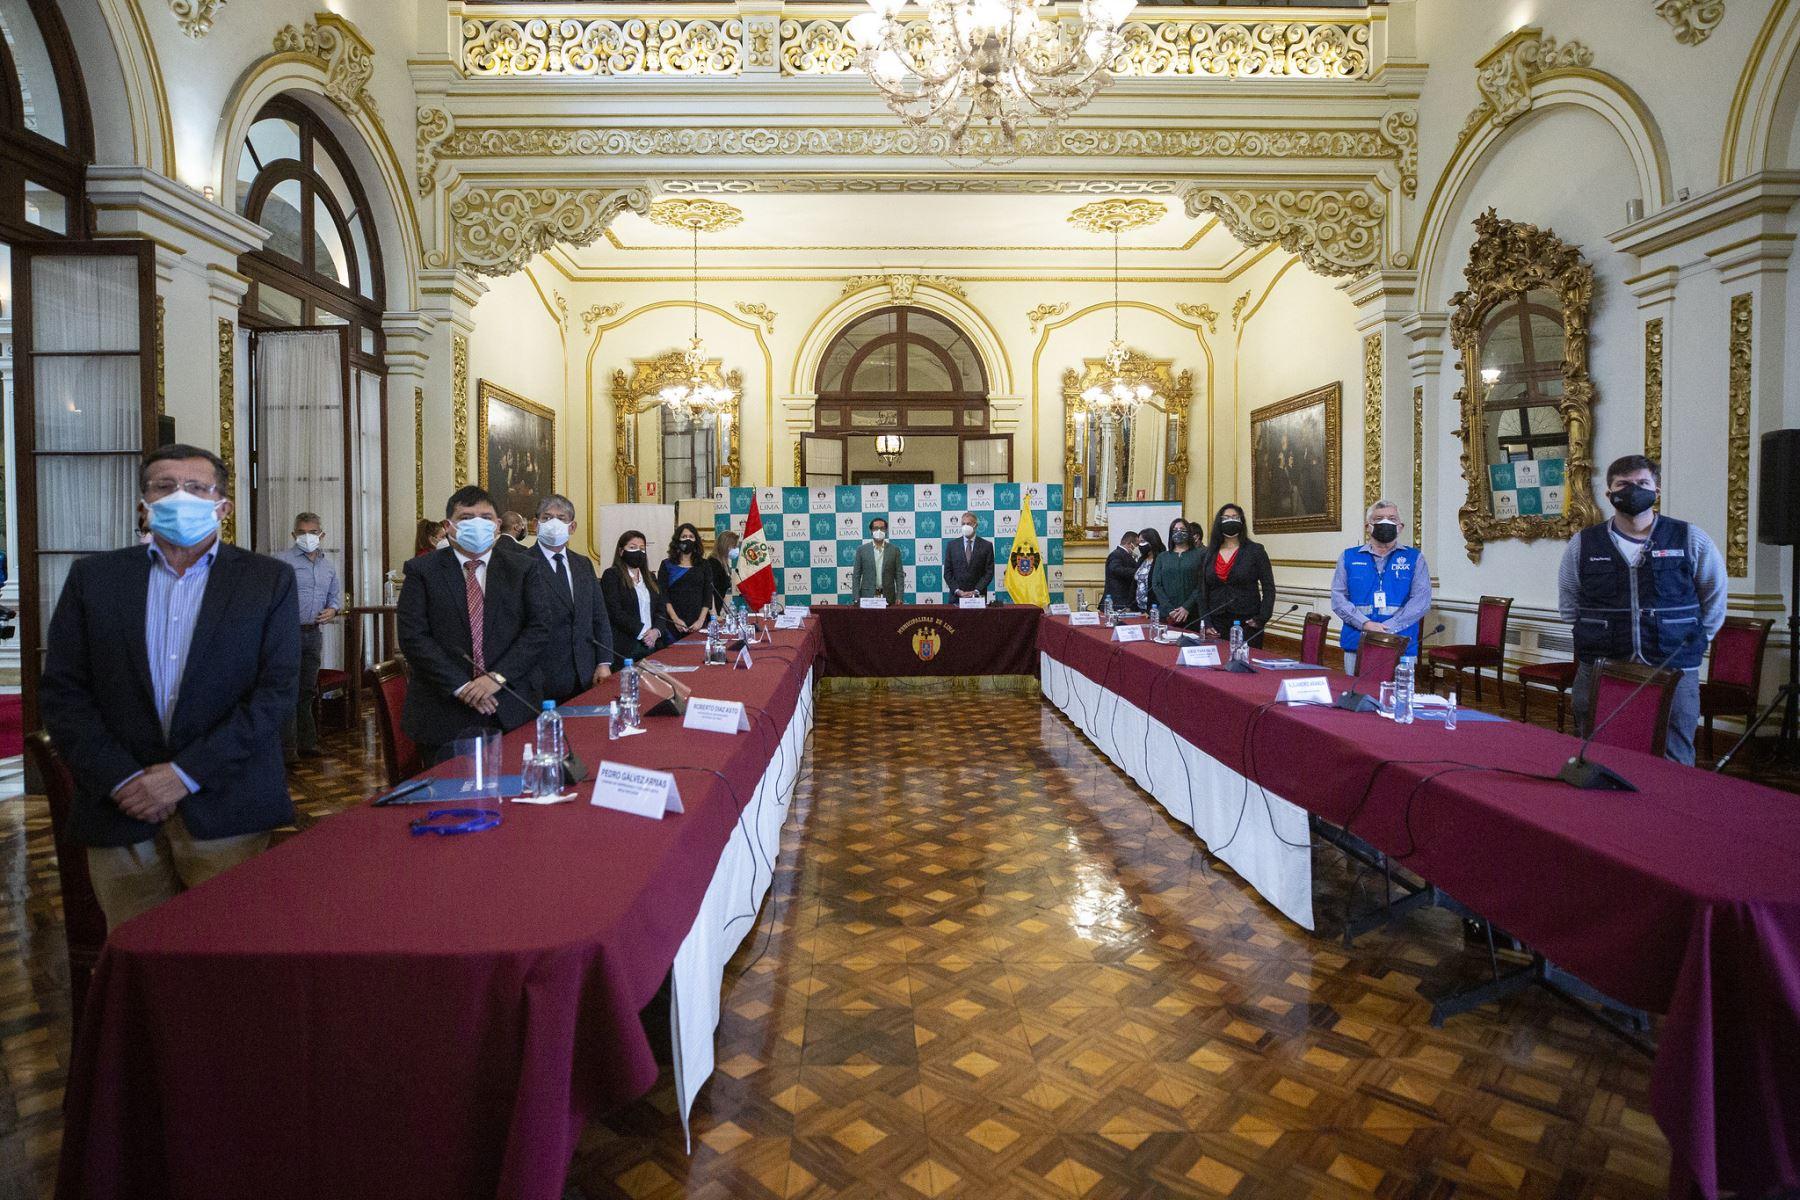 El alcalde de Lima Jorge Muñoz y el ministro de la Producción, José Luis Chicoma, instalan mesa técnica de trabajo con el objetivo de promover la reactivación económica segura y responsable en Mesa Redonda. Foto: ANDINA/Municipalidad de Lima